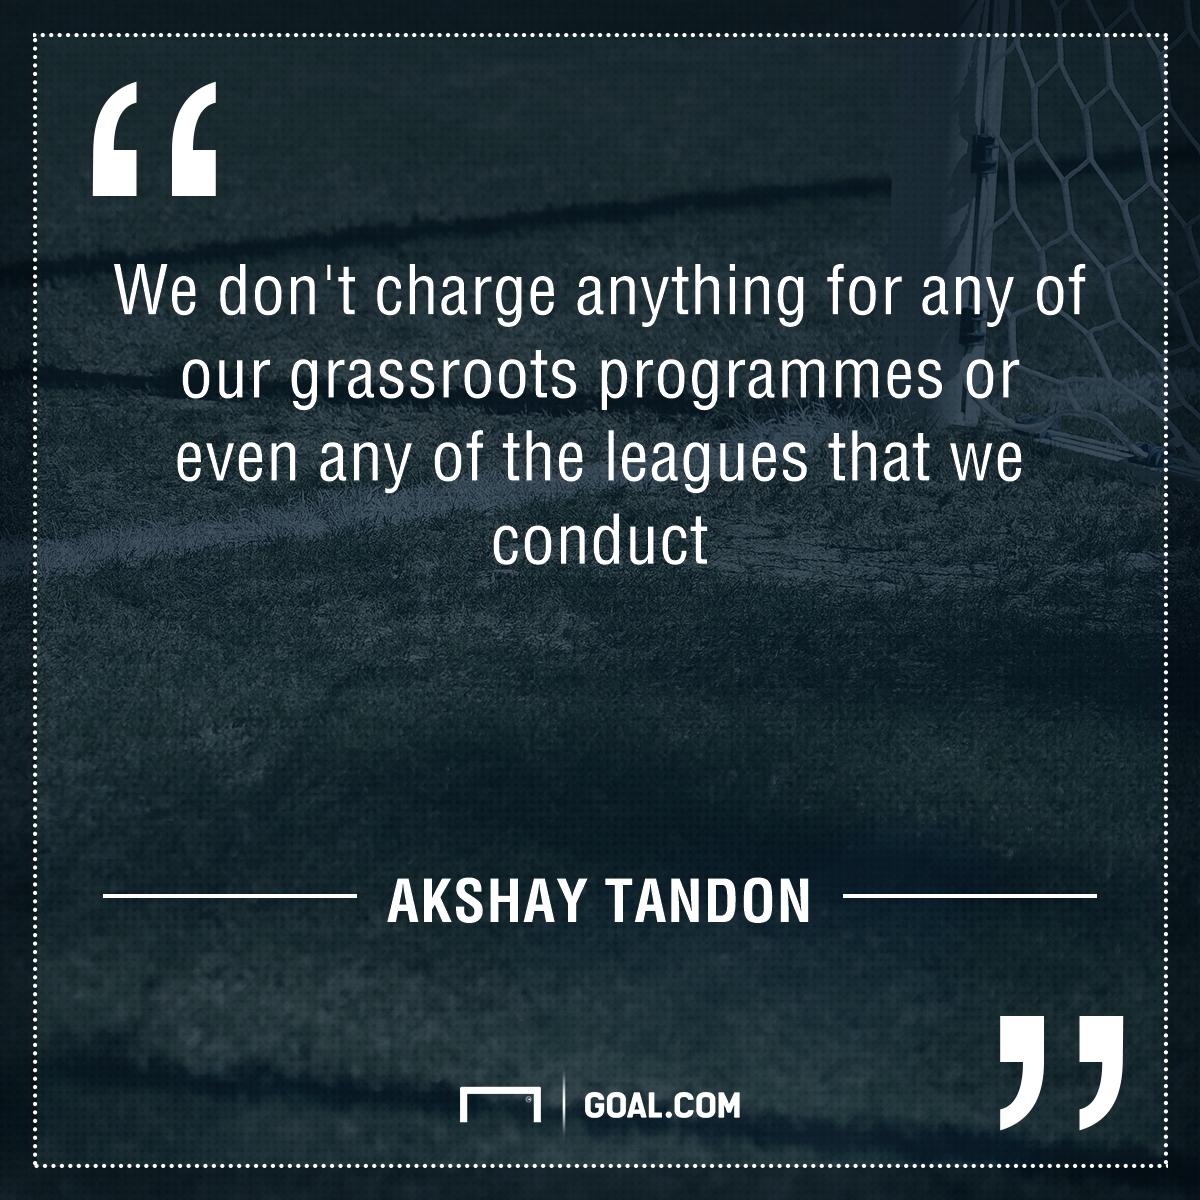 Akshay Tandon